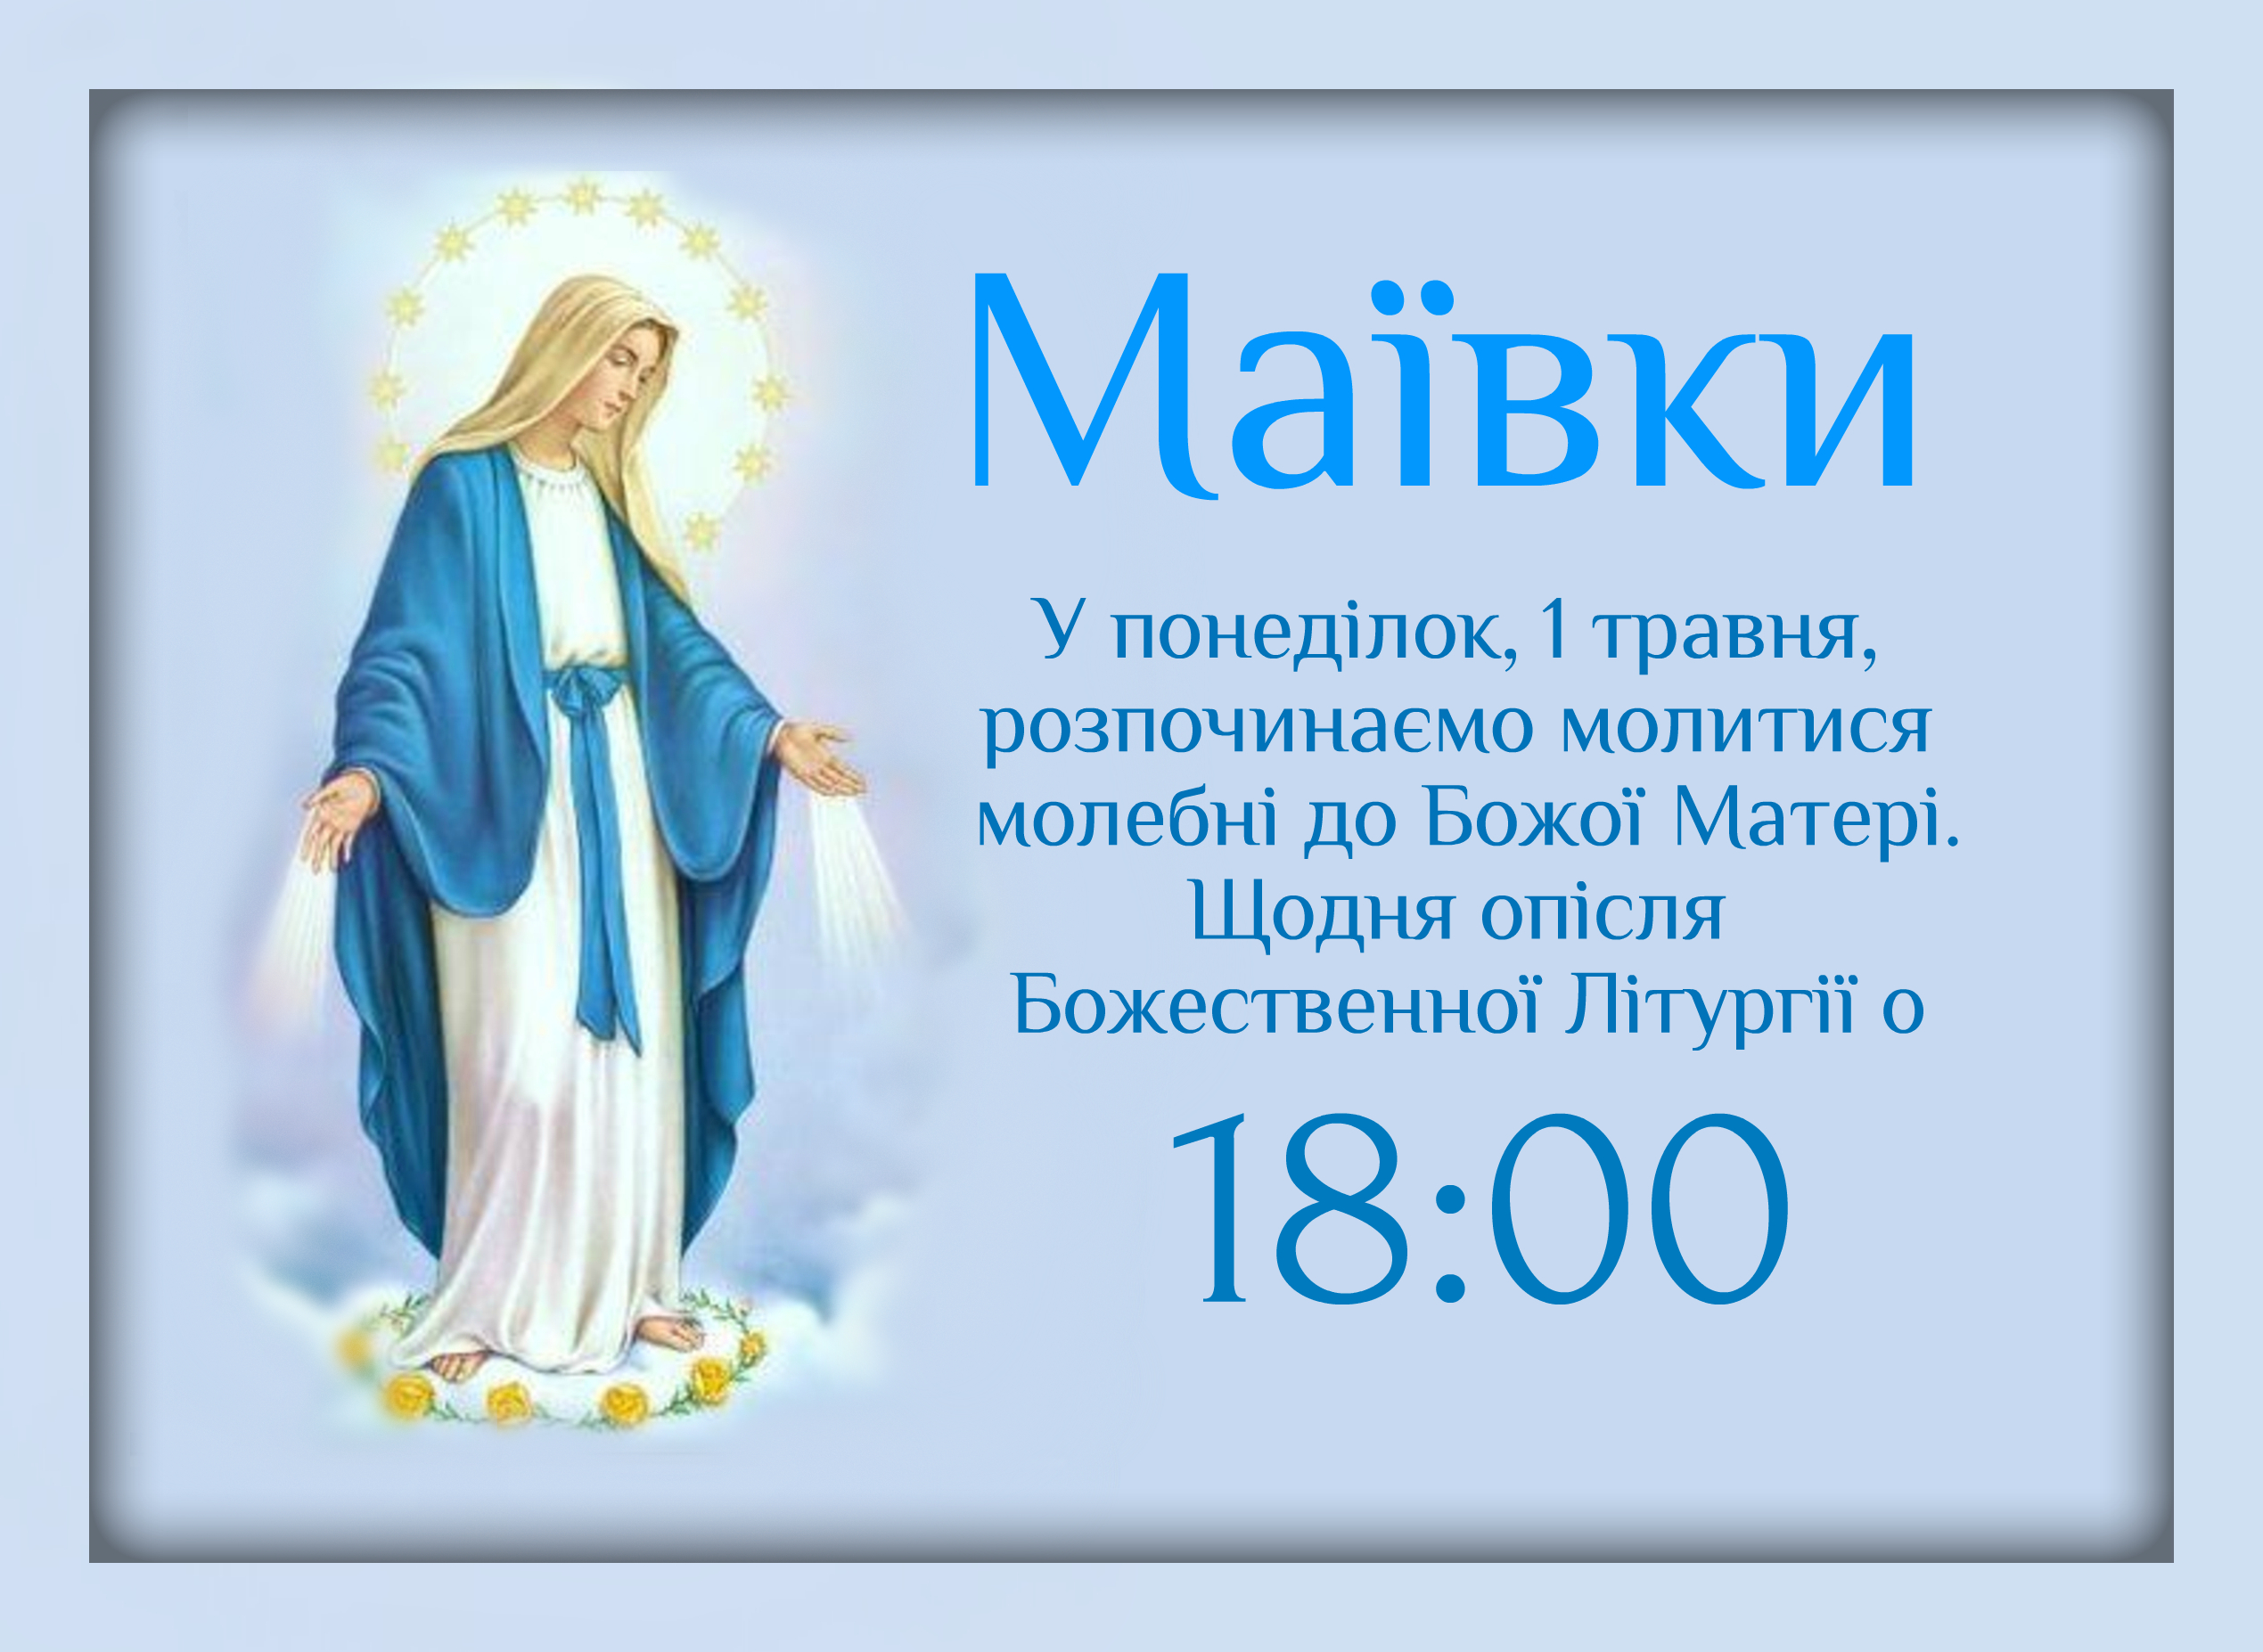 Маївки